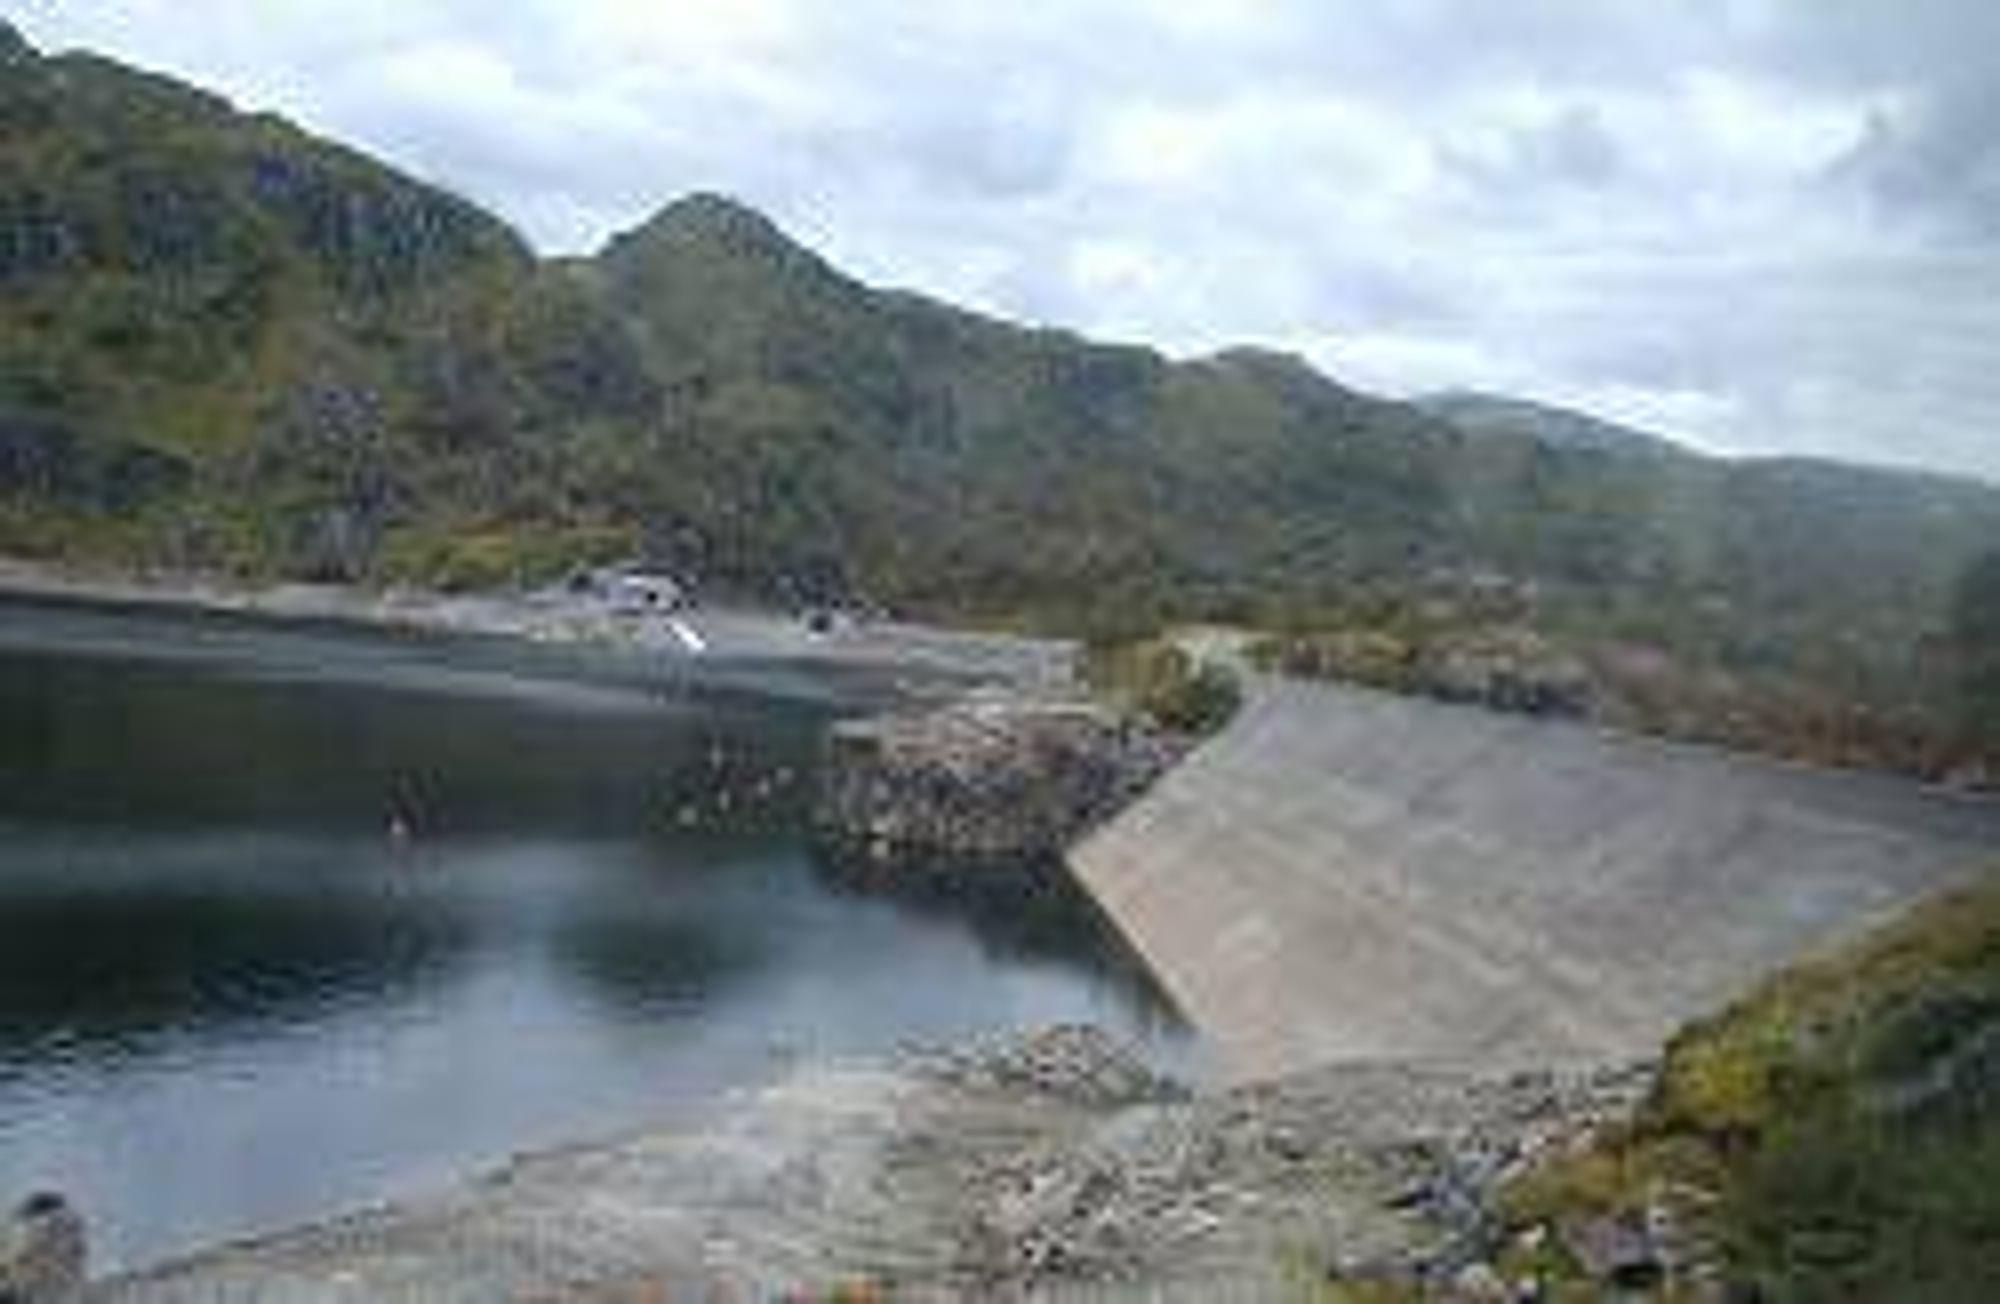 MER ENN NOK VANN: Bildet viser lav vannstand i et vannkraftmagasin, men dette er arkivbilde. Nå er magasinene proppfulle.